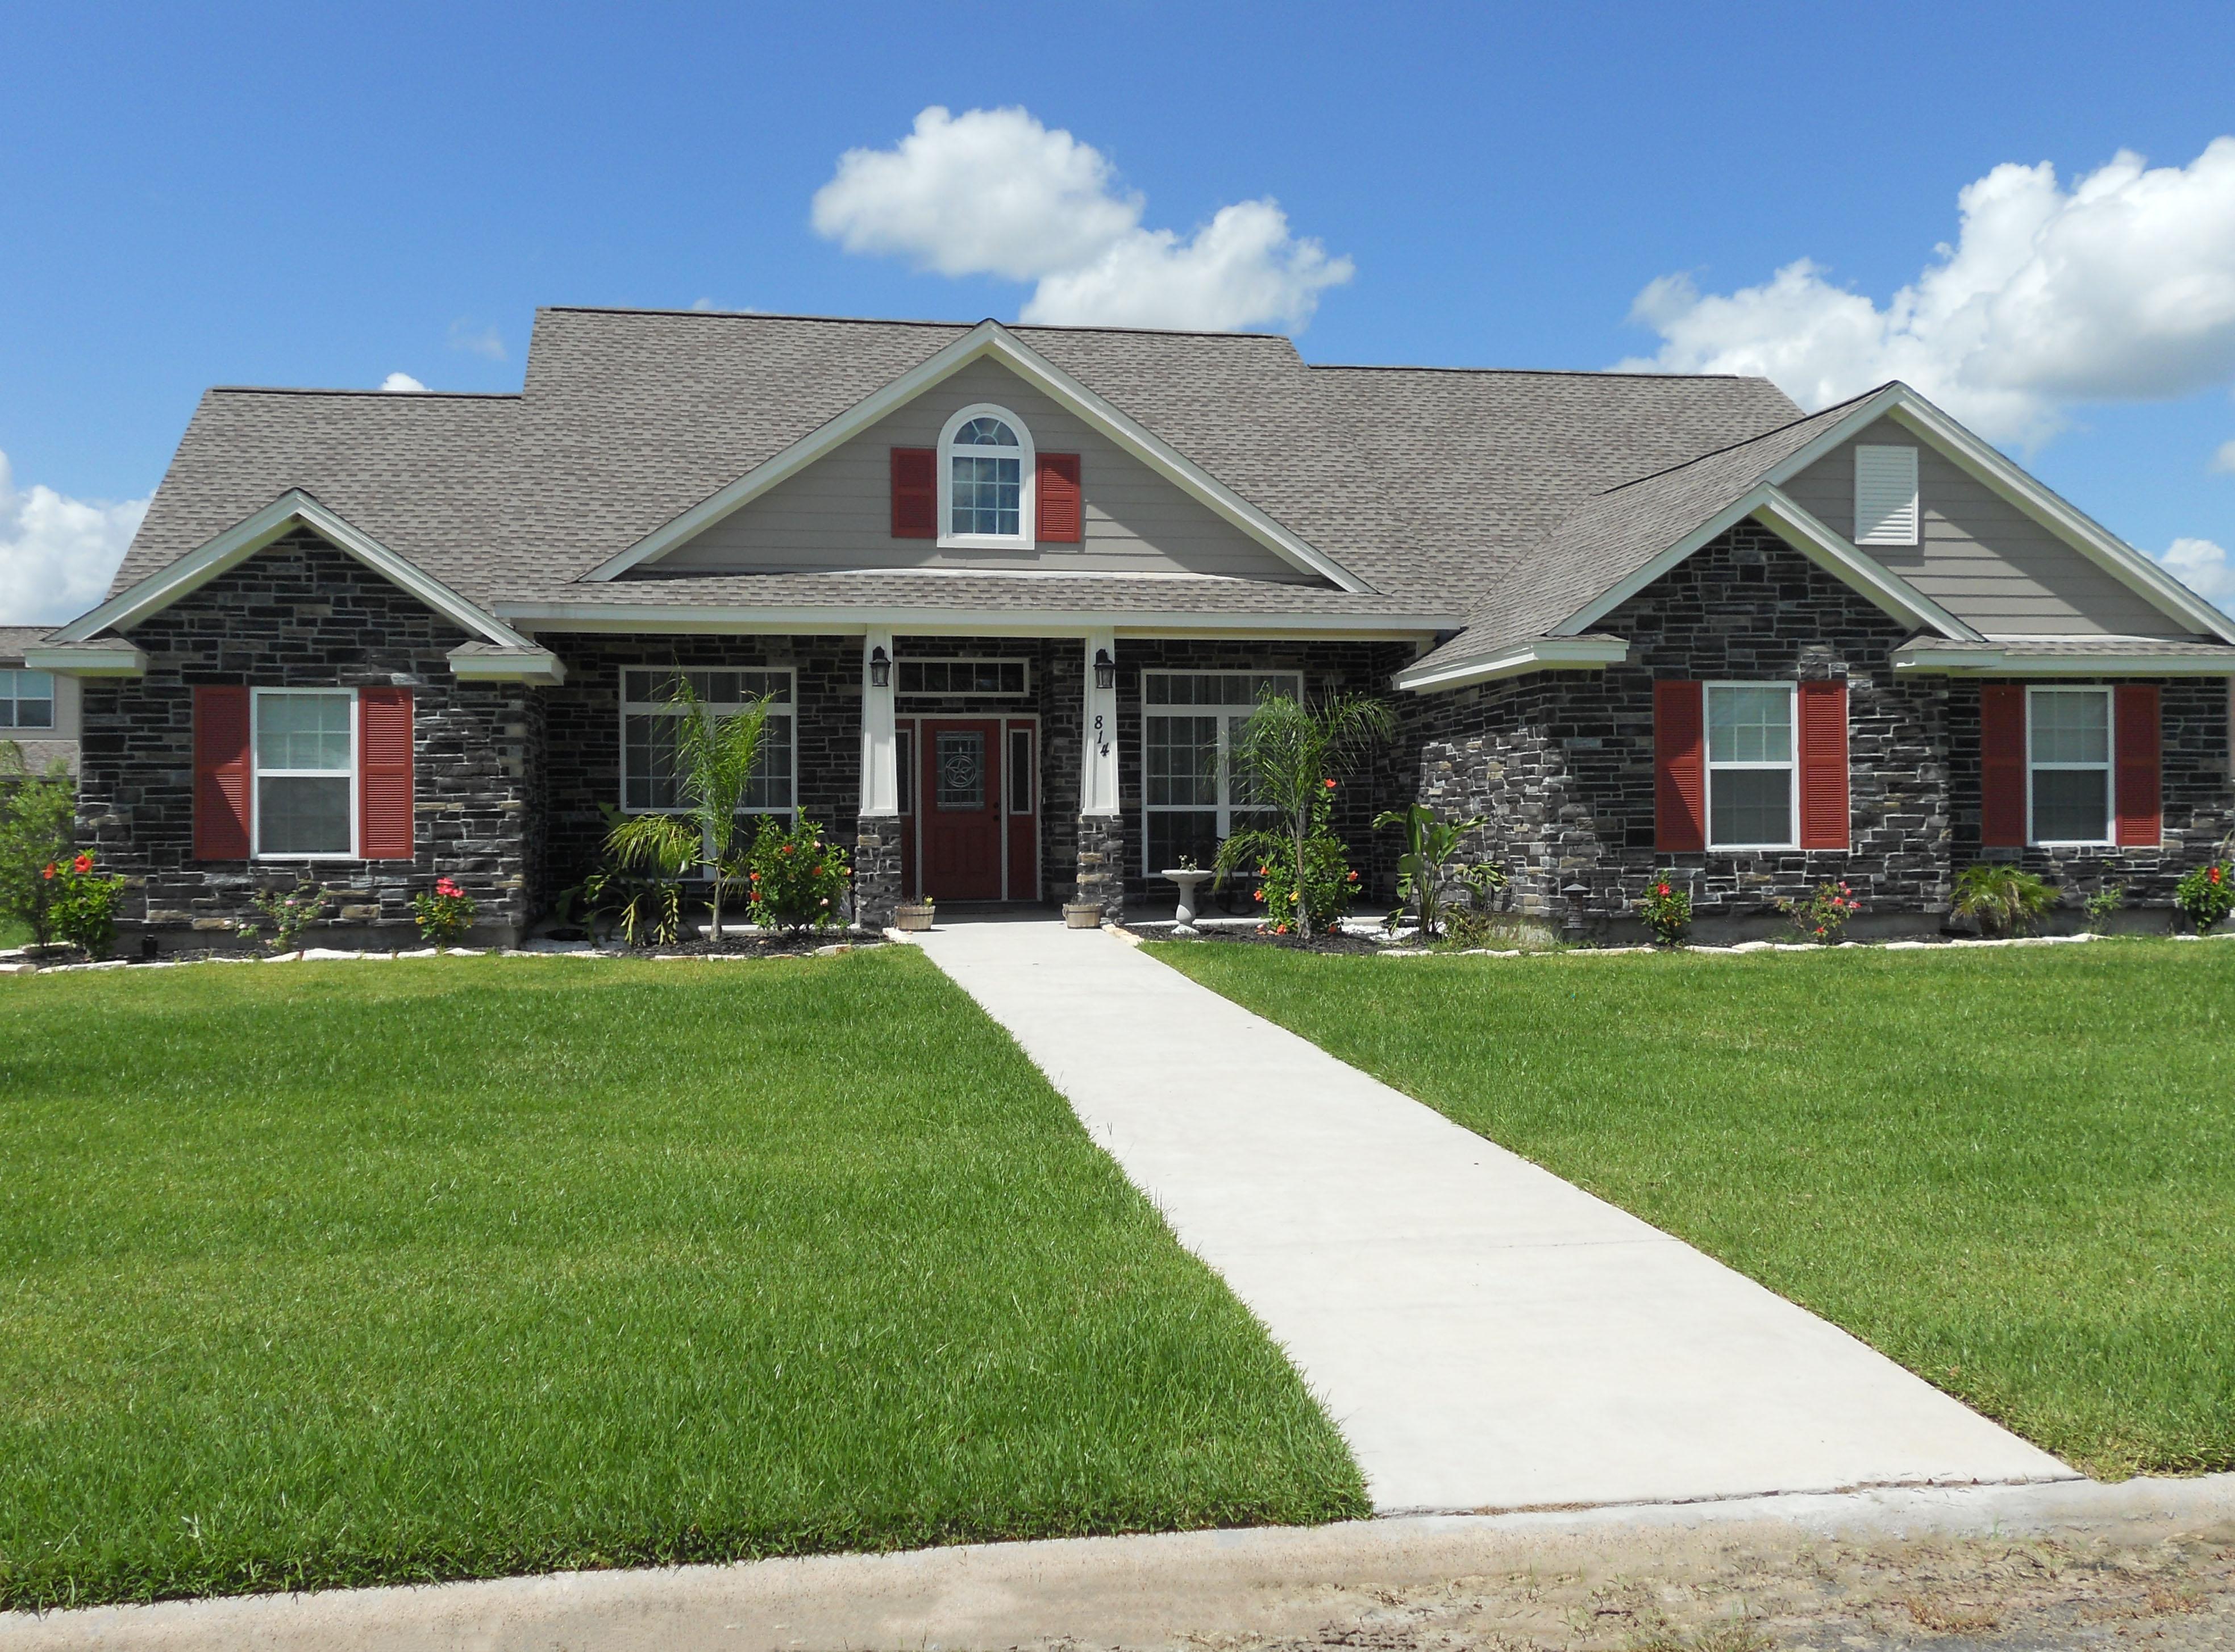 Southwest Homes of Houston  Custom Homes in Houston TX